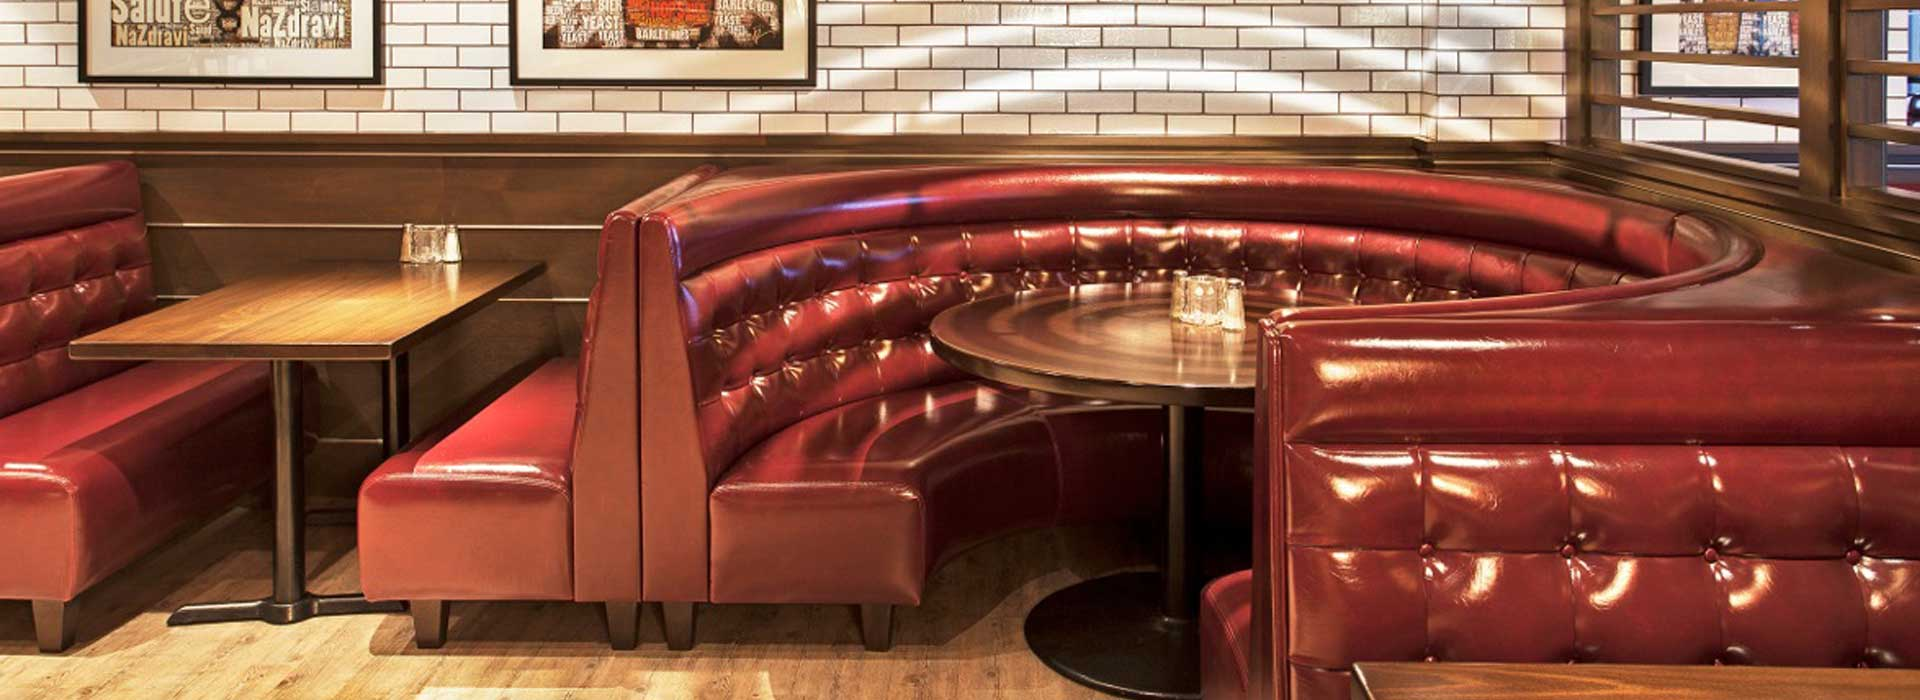 restaurantbooths-slideNES3